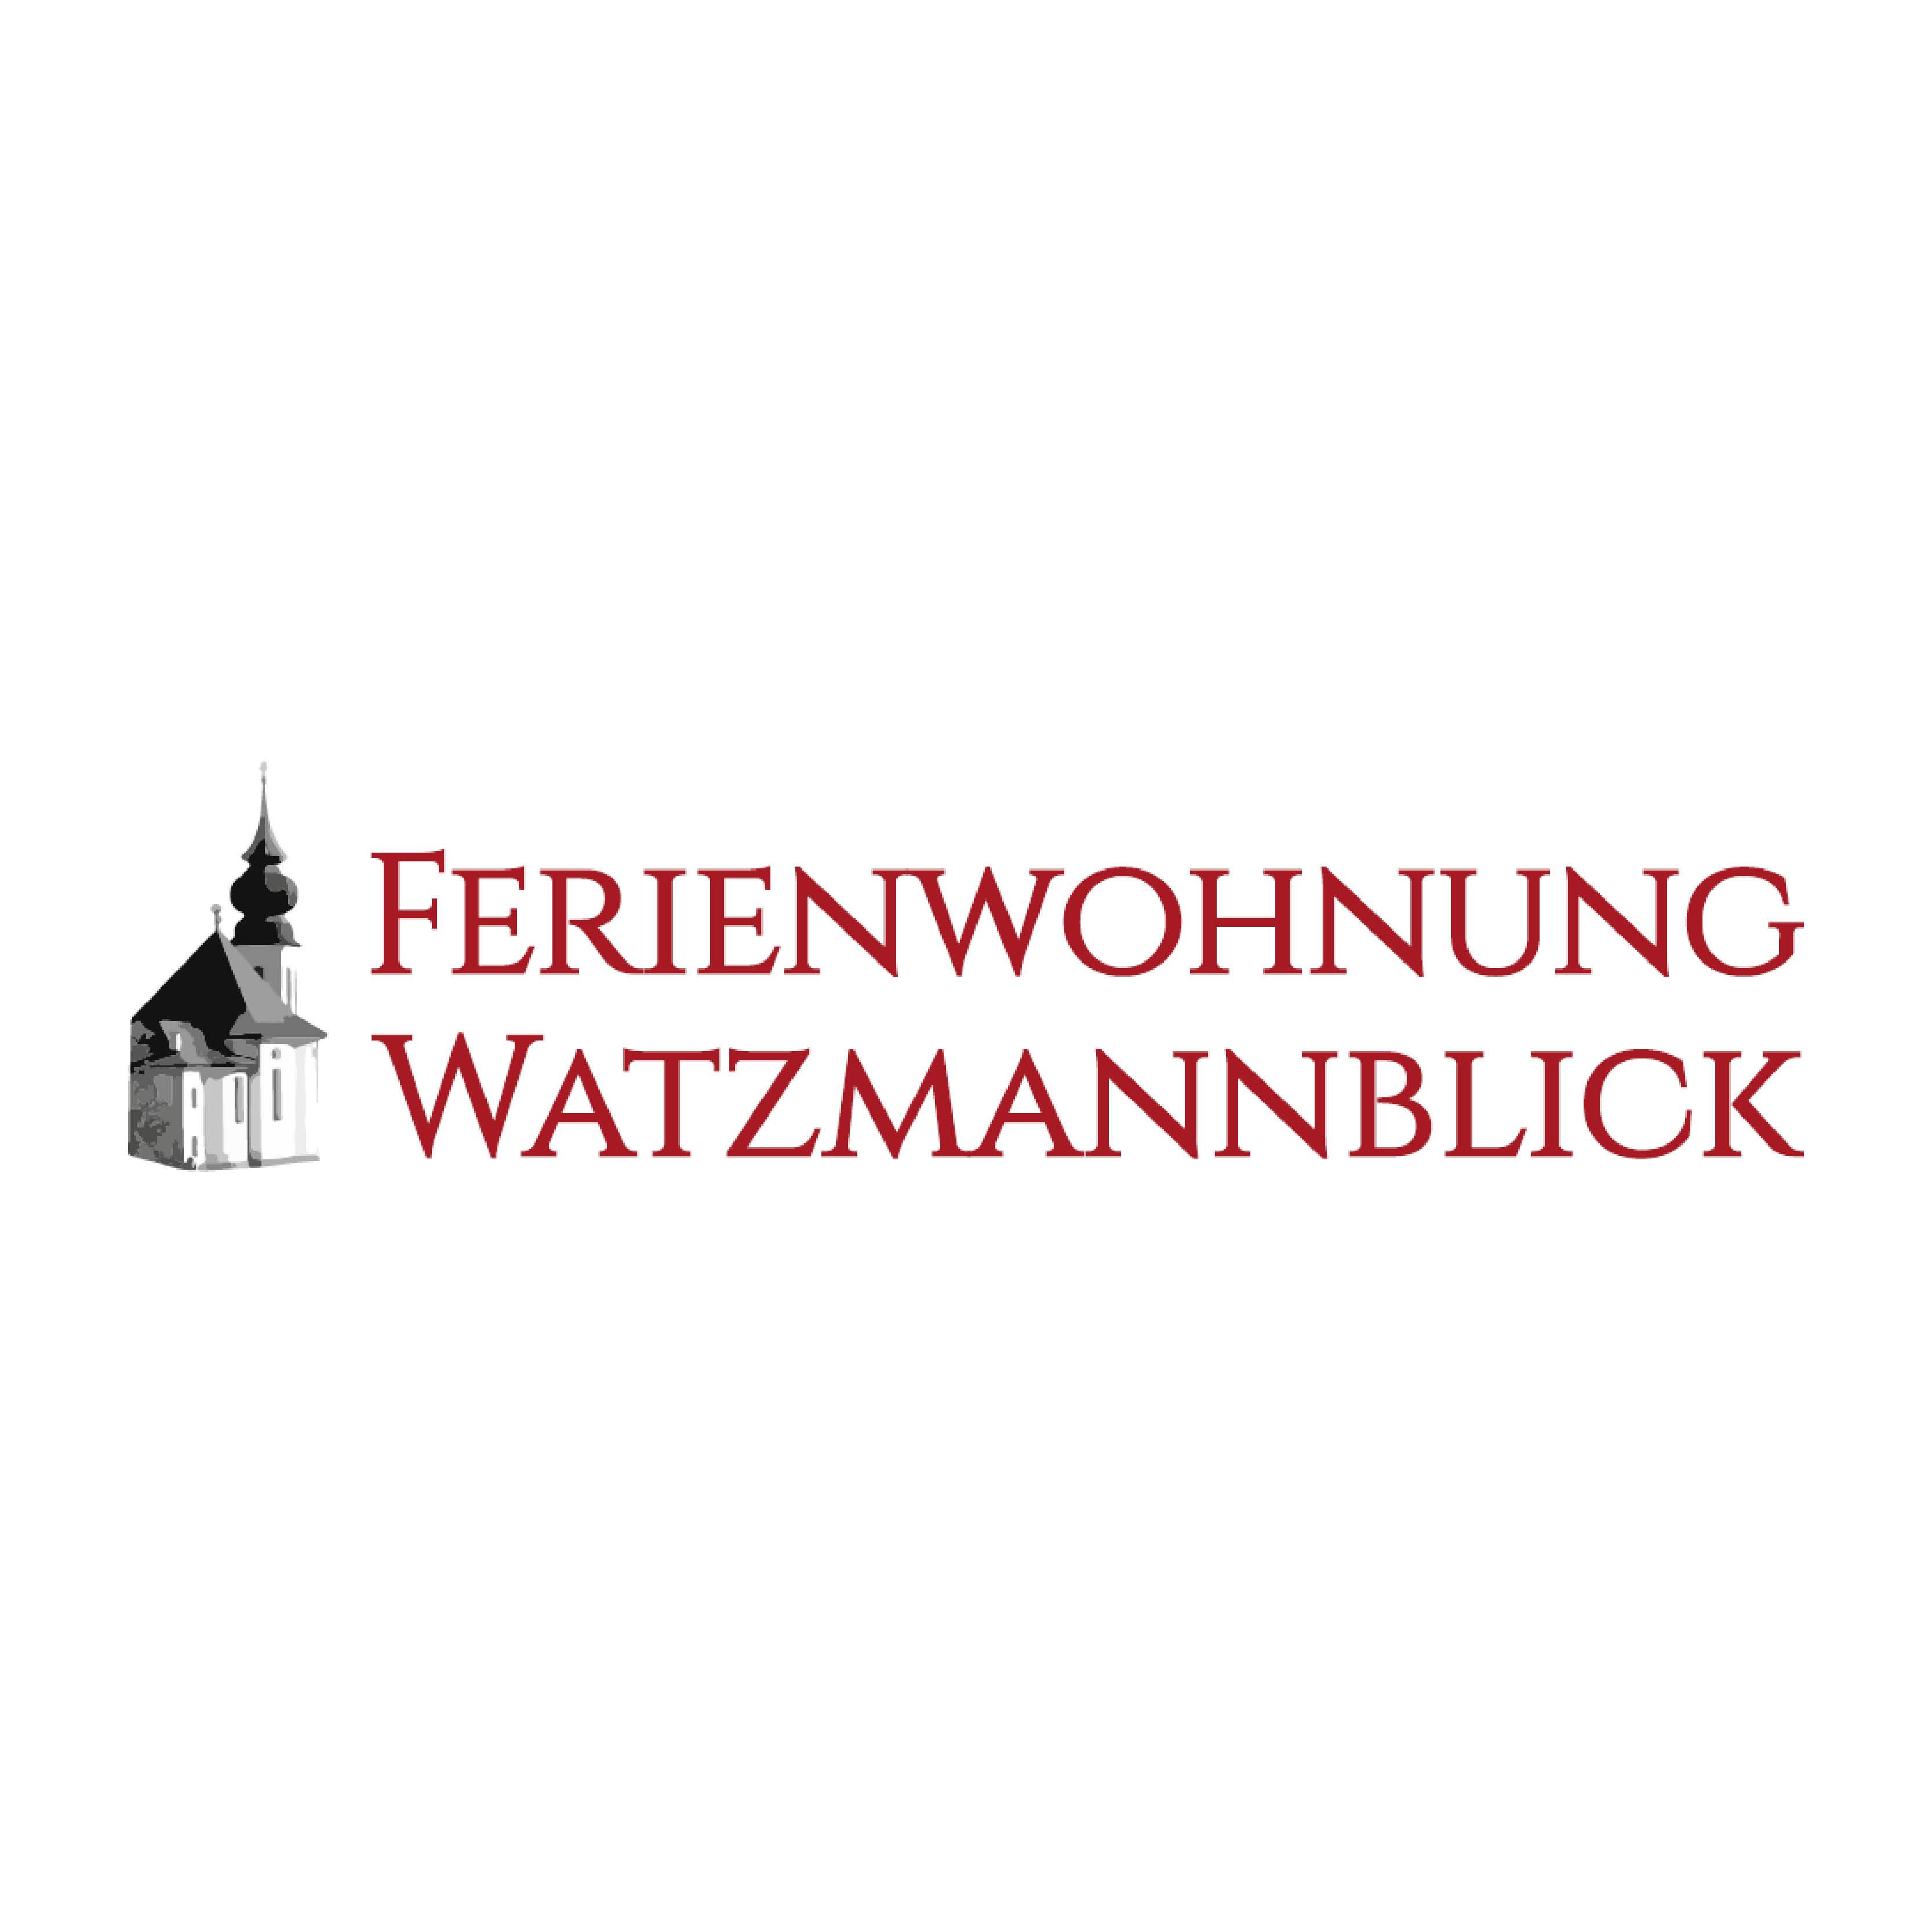 FEWO Watzmannblick